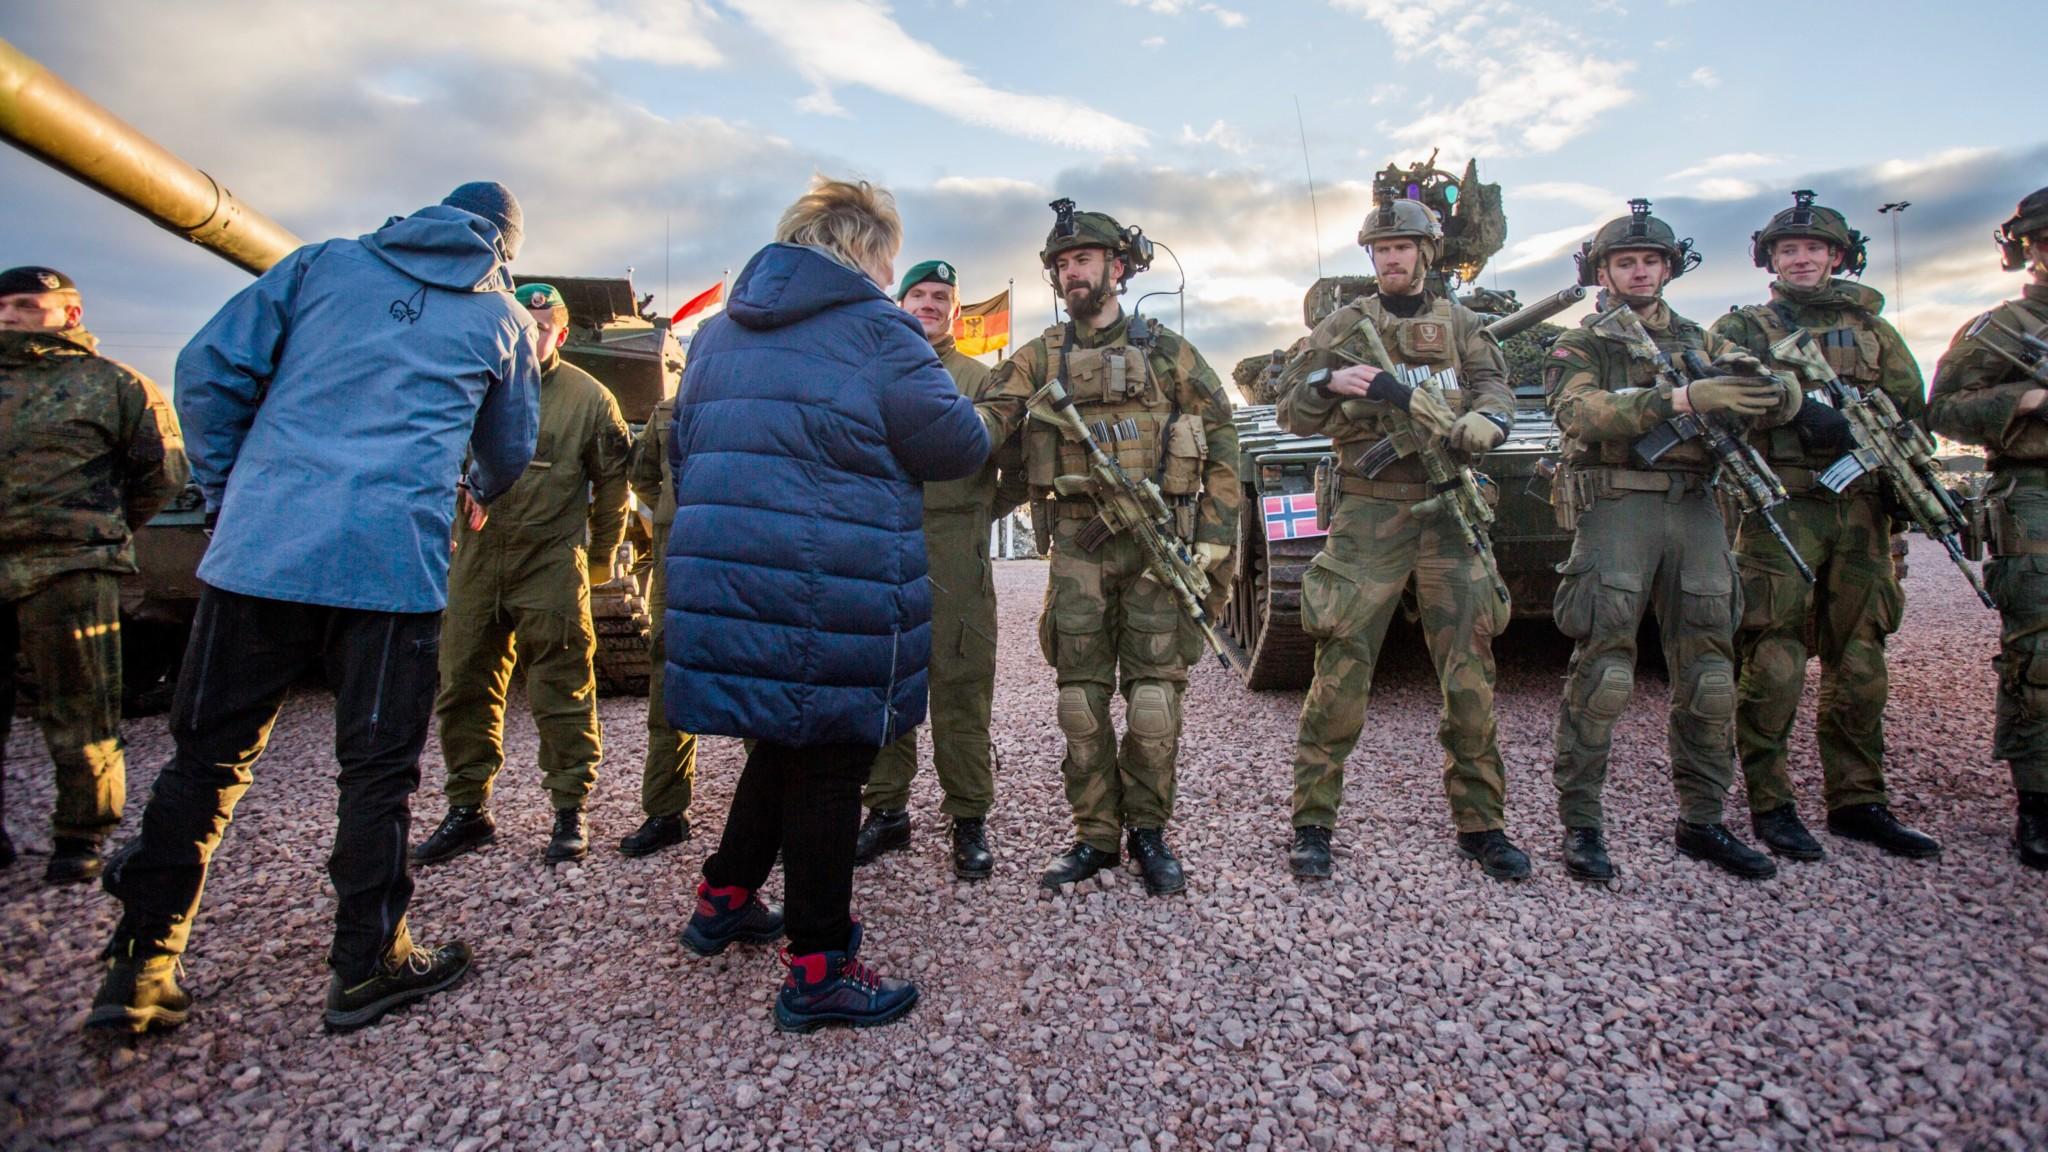 Høyre-utvalg krever mer til Forsvaret